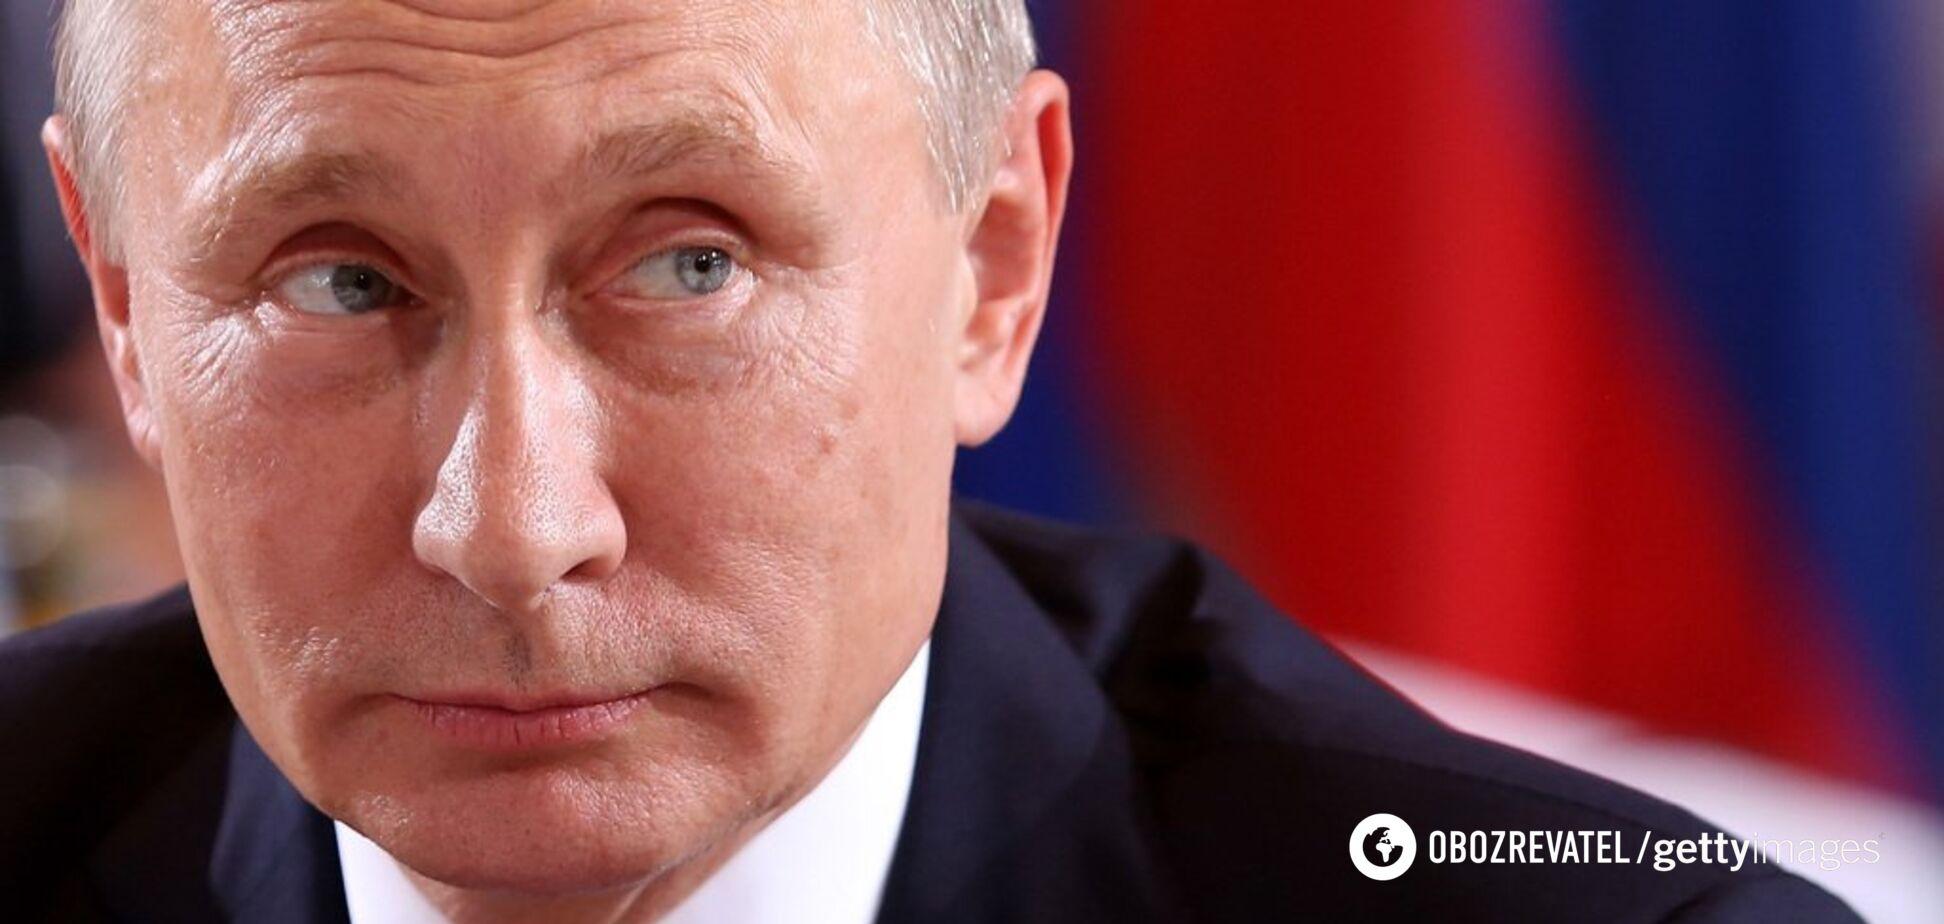 Образовался 'паровозик'! В России войска Путина угодили в конфуз